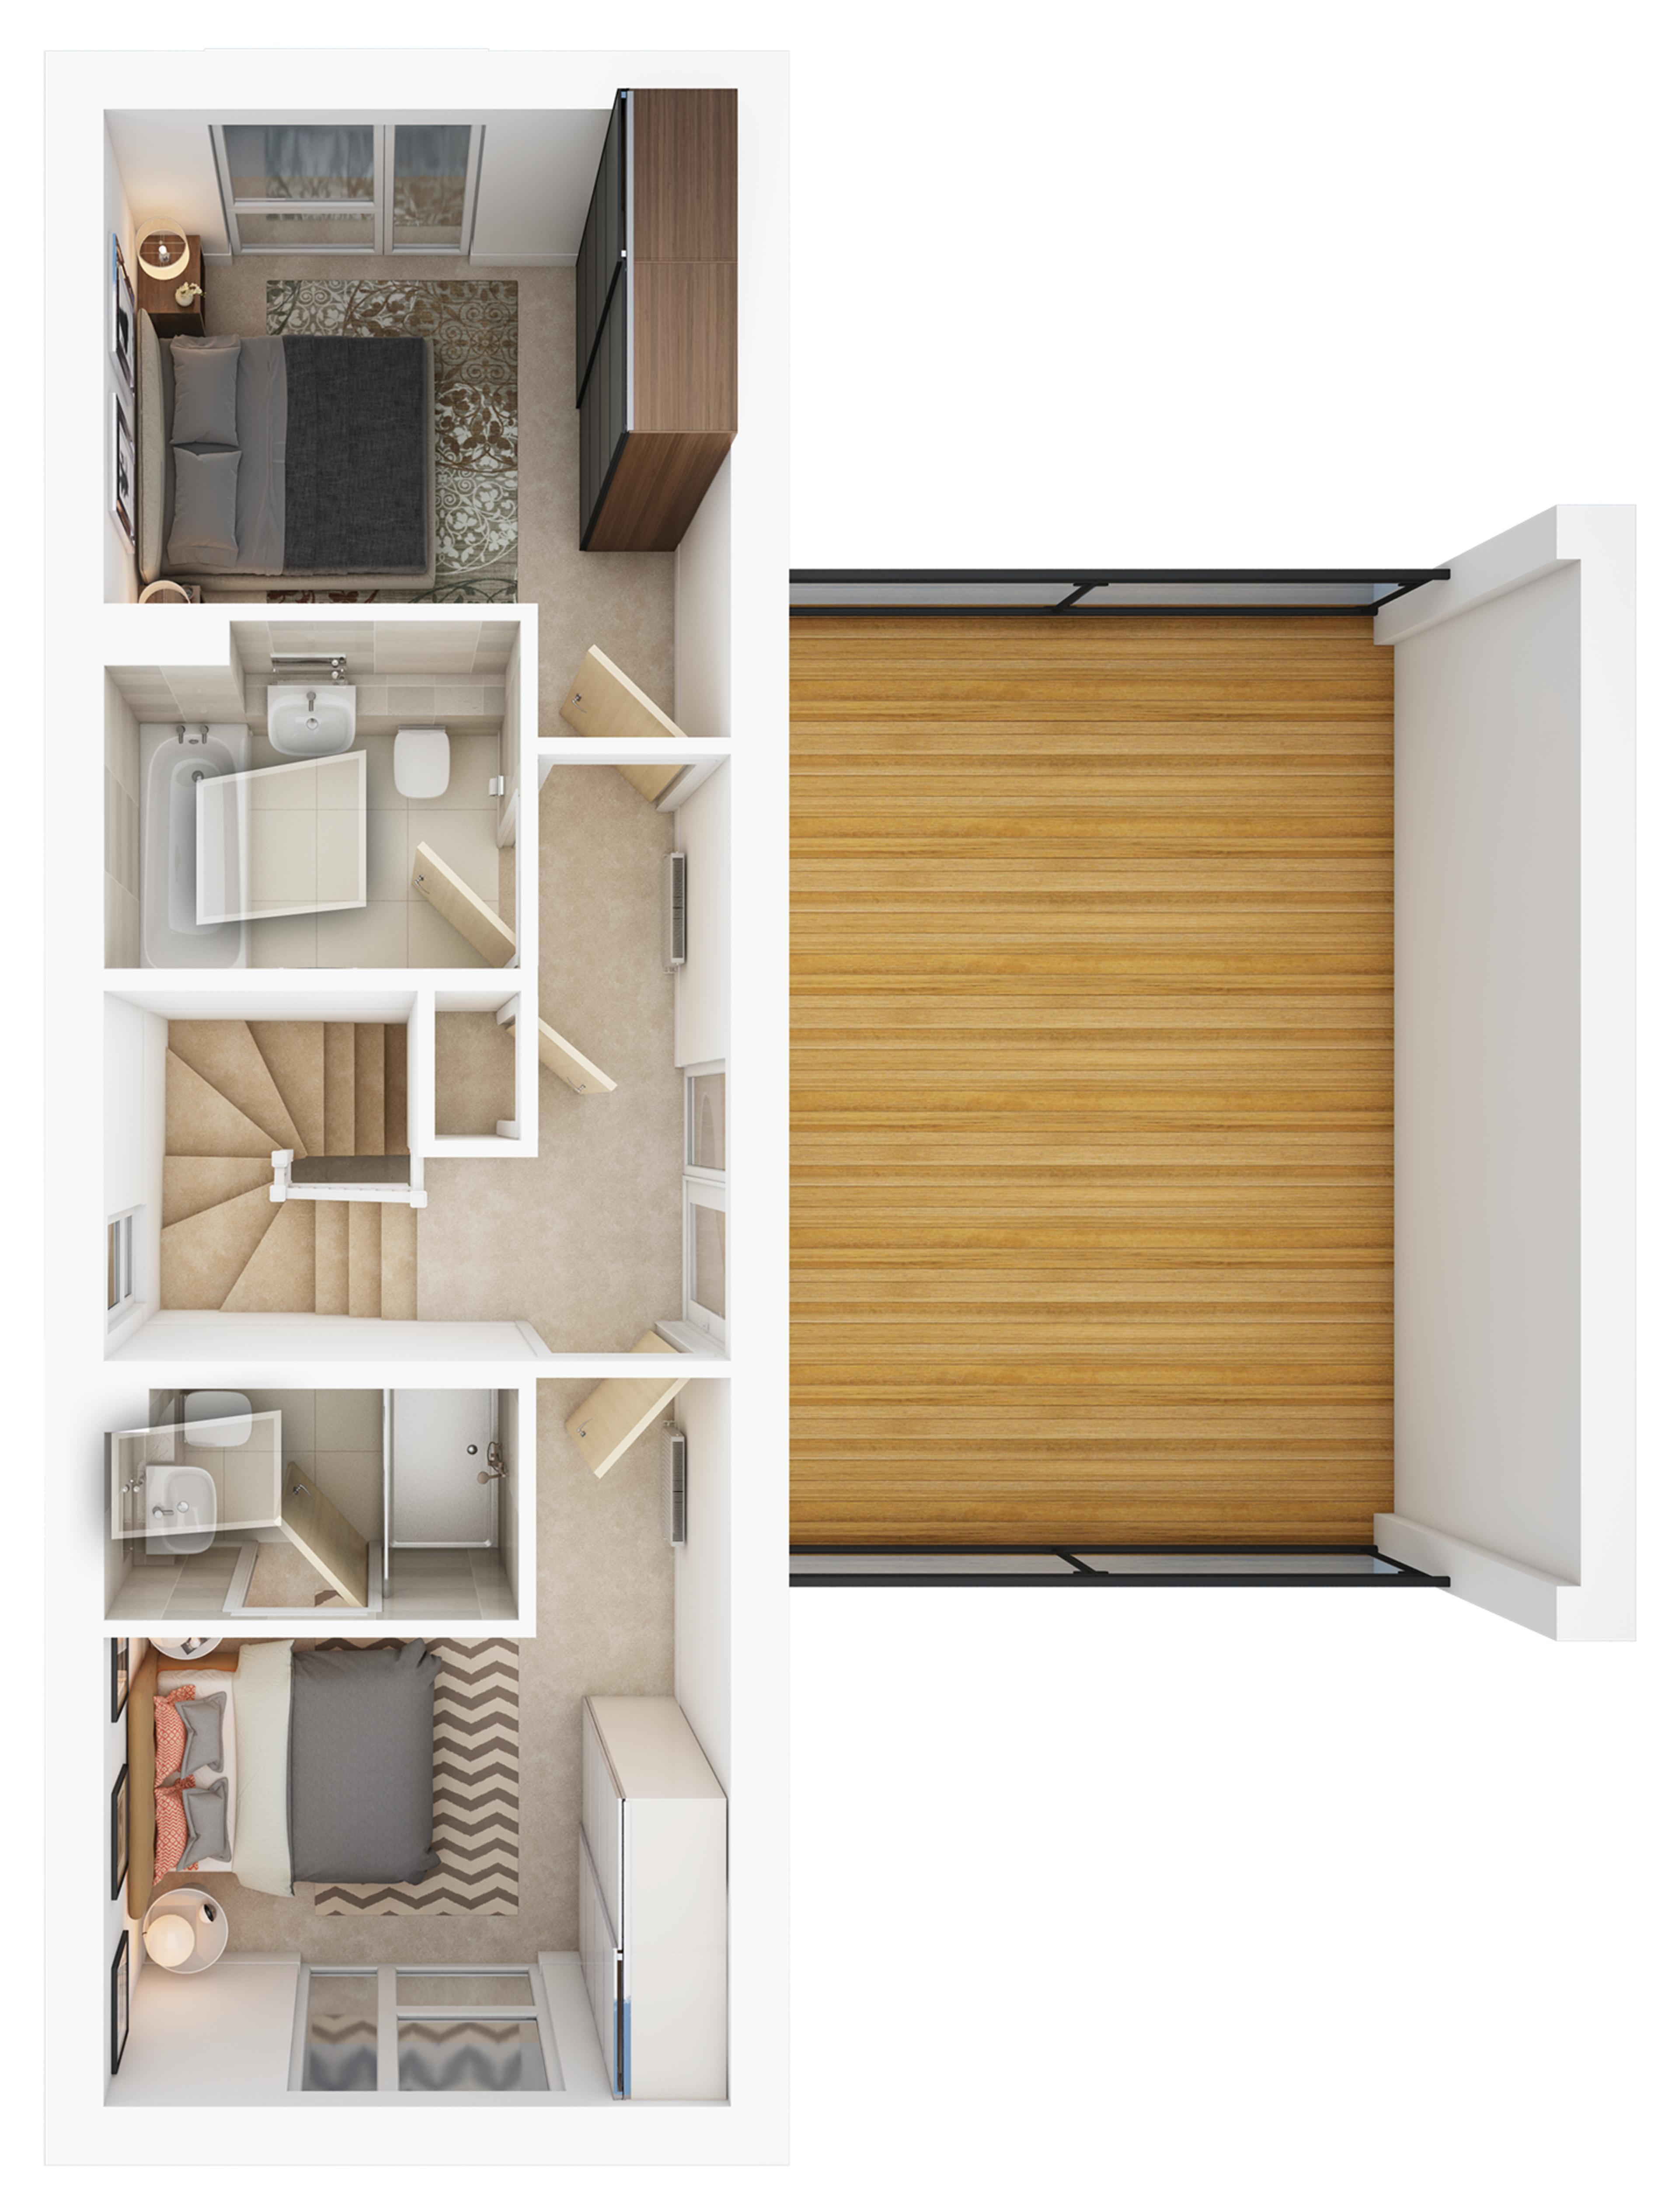 Watling Grange > Furness > First floor